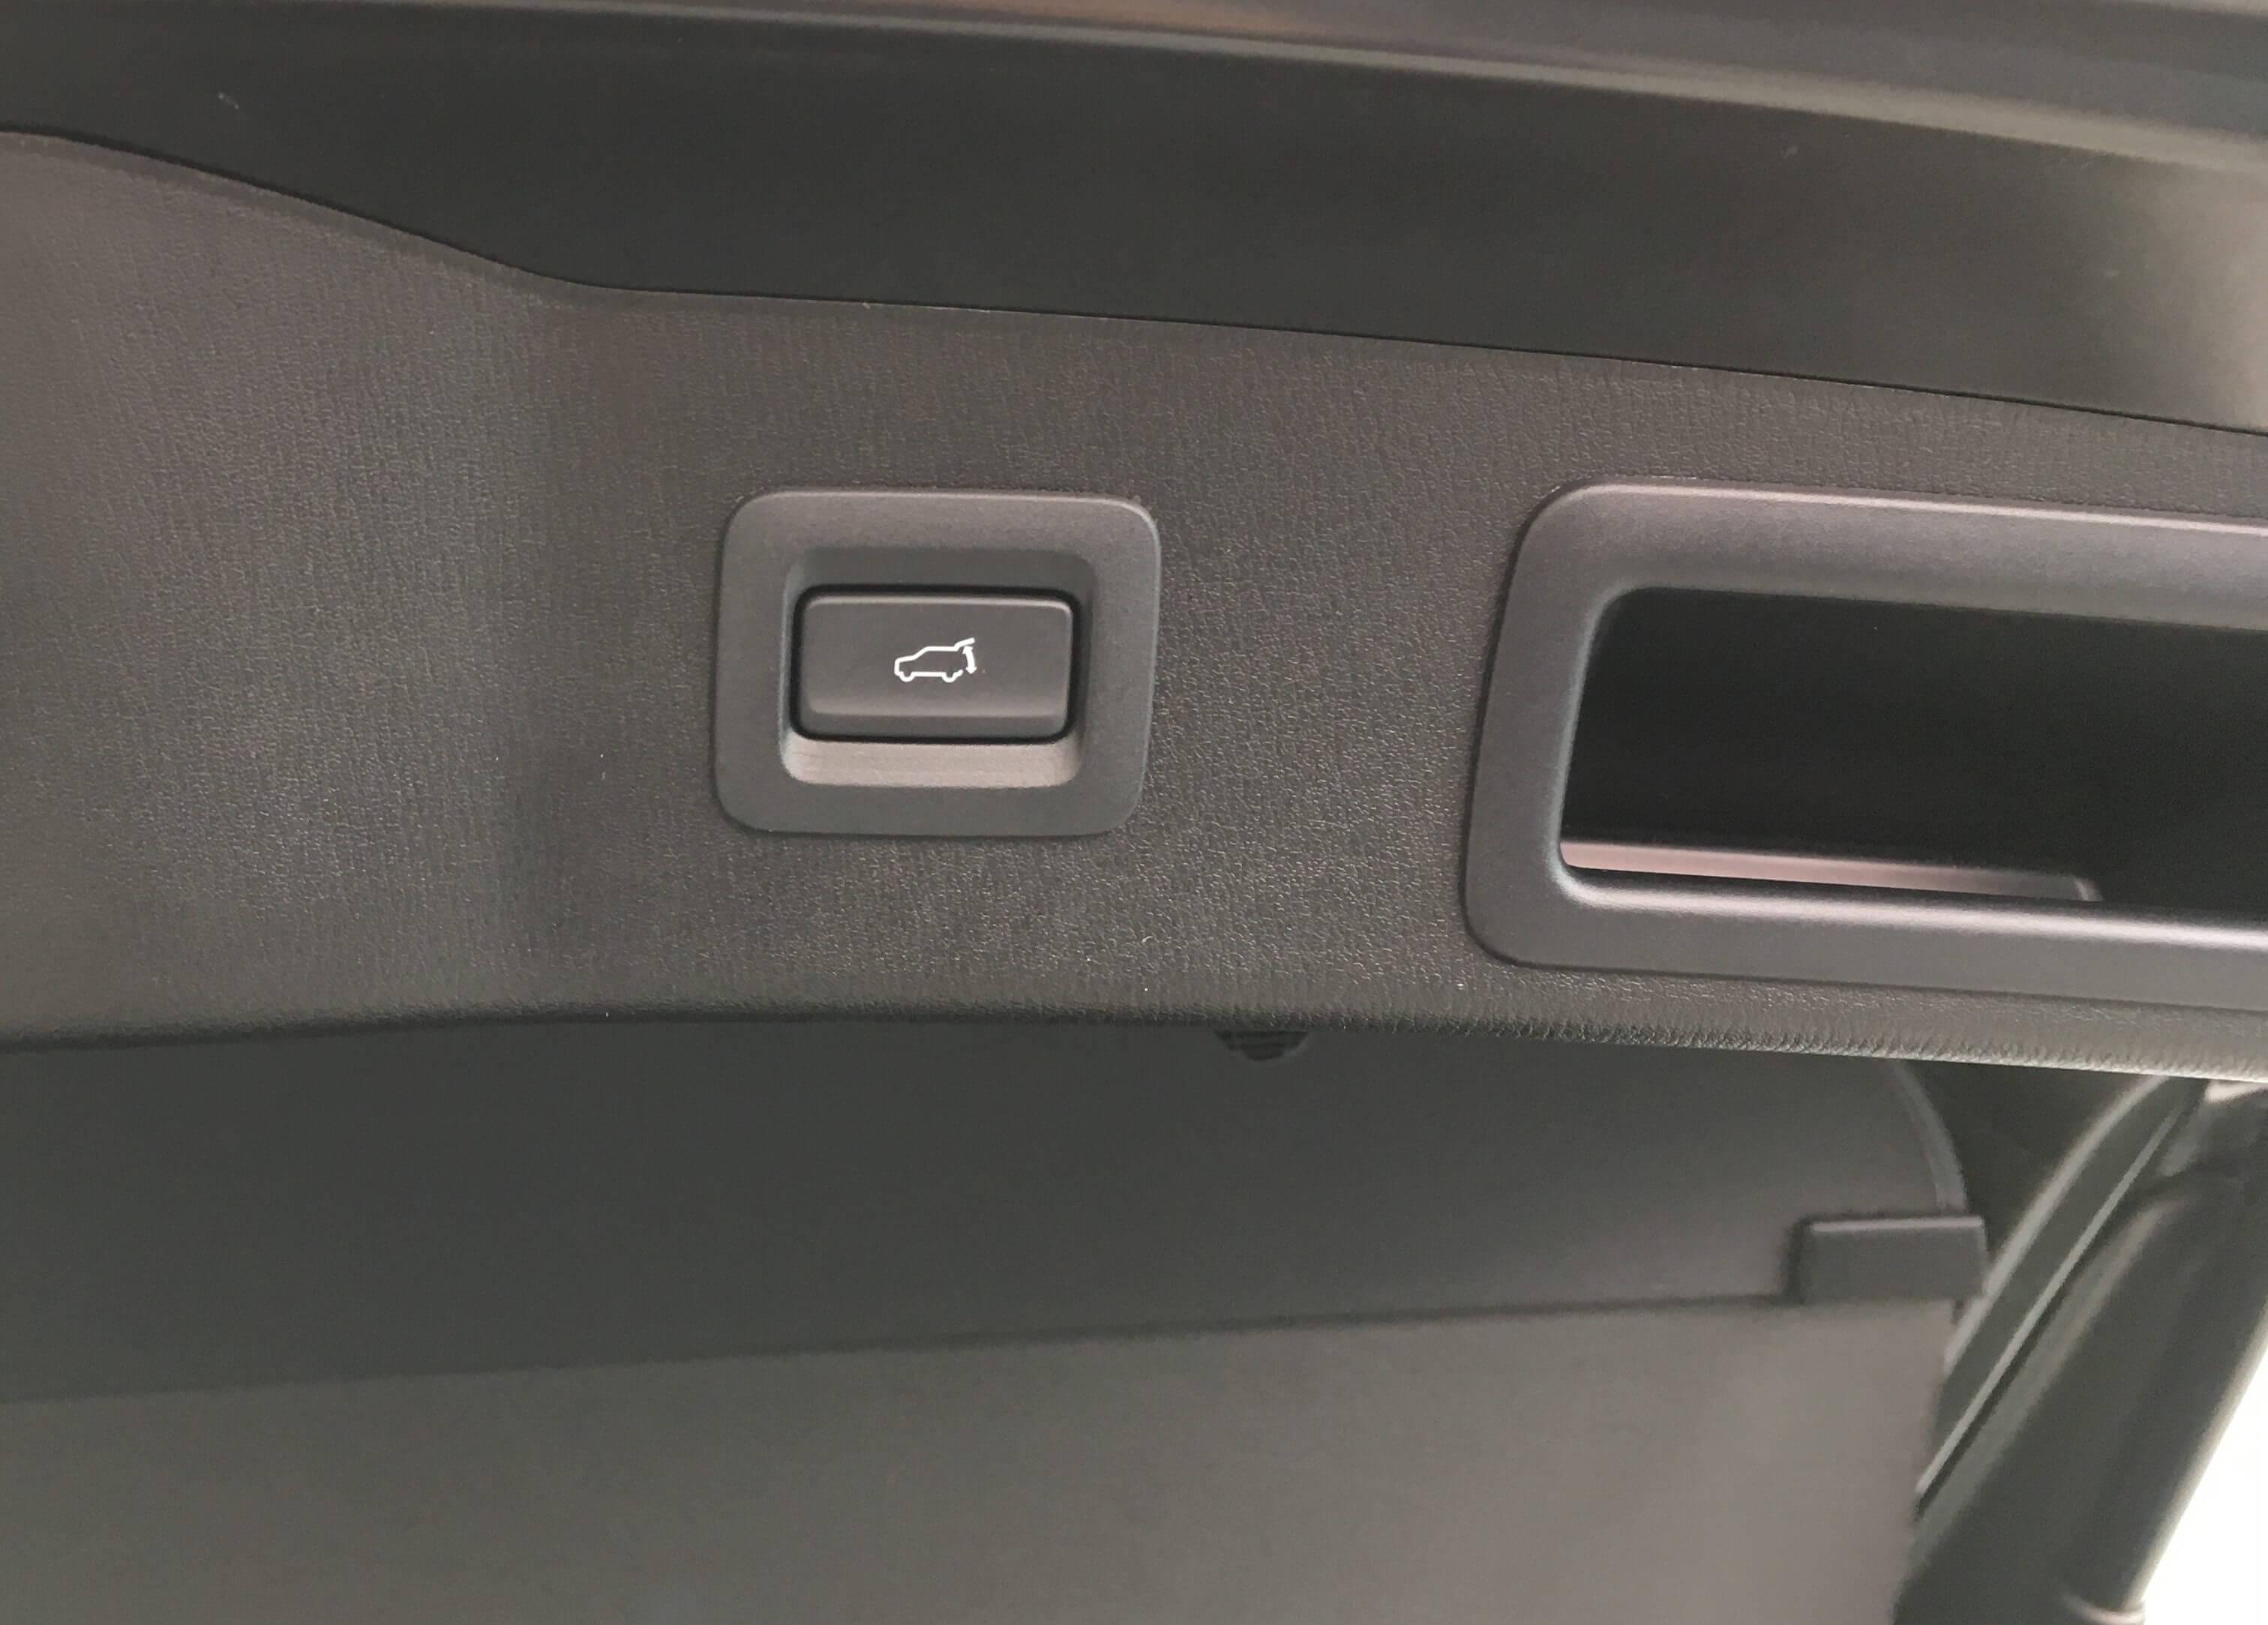 新型CX-5  動画で見るパワーリフトゲート。パワーリフトゲートは本当に必要か?